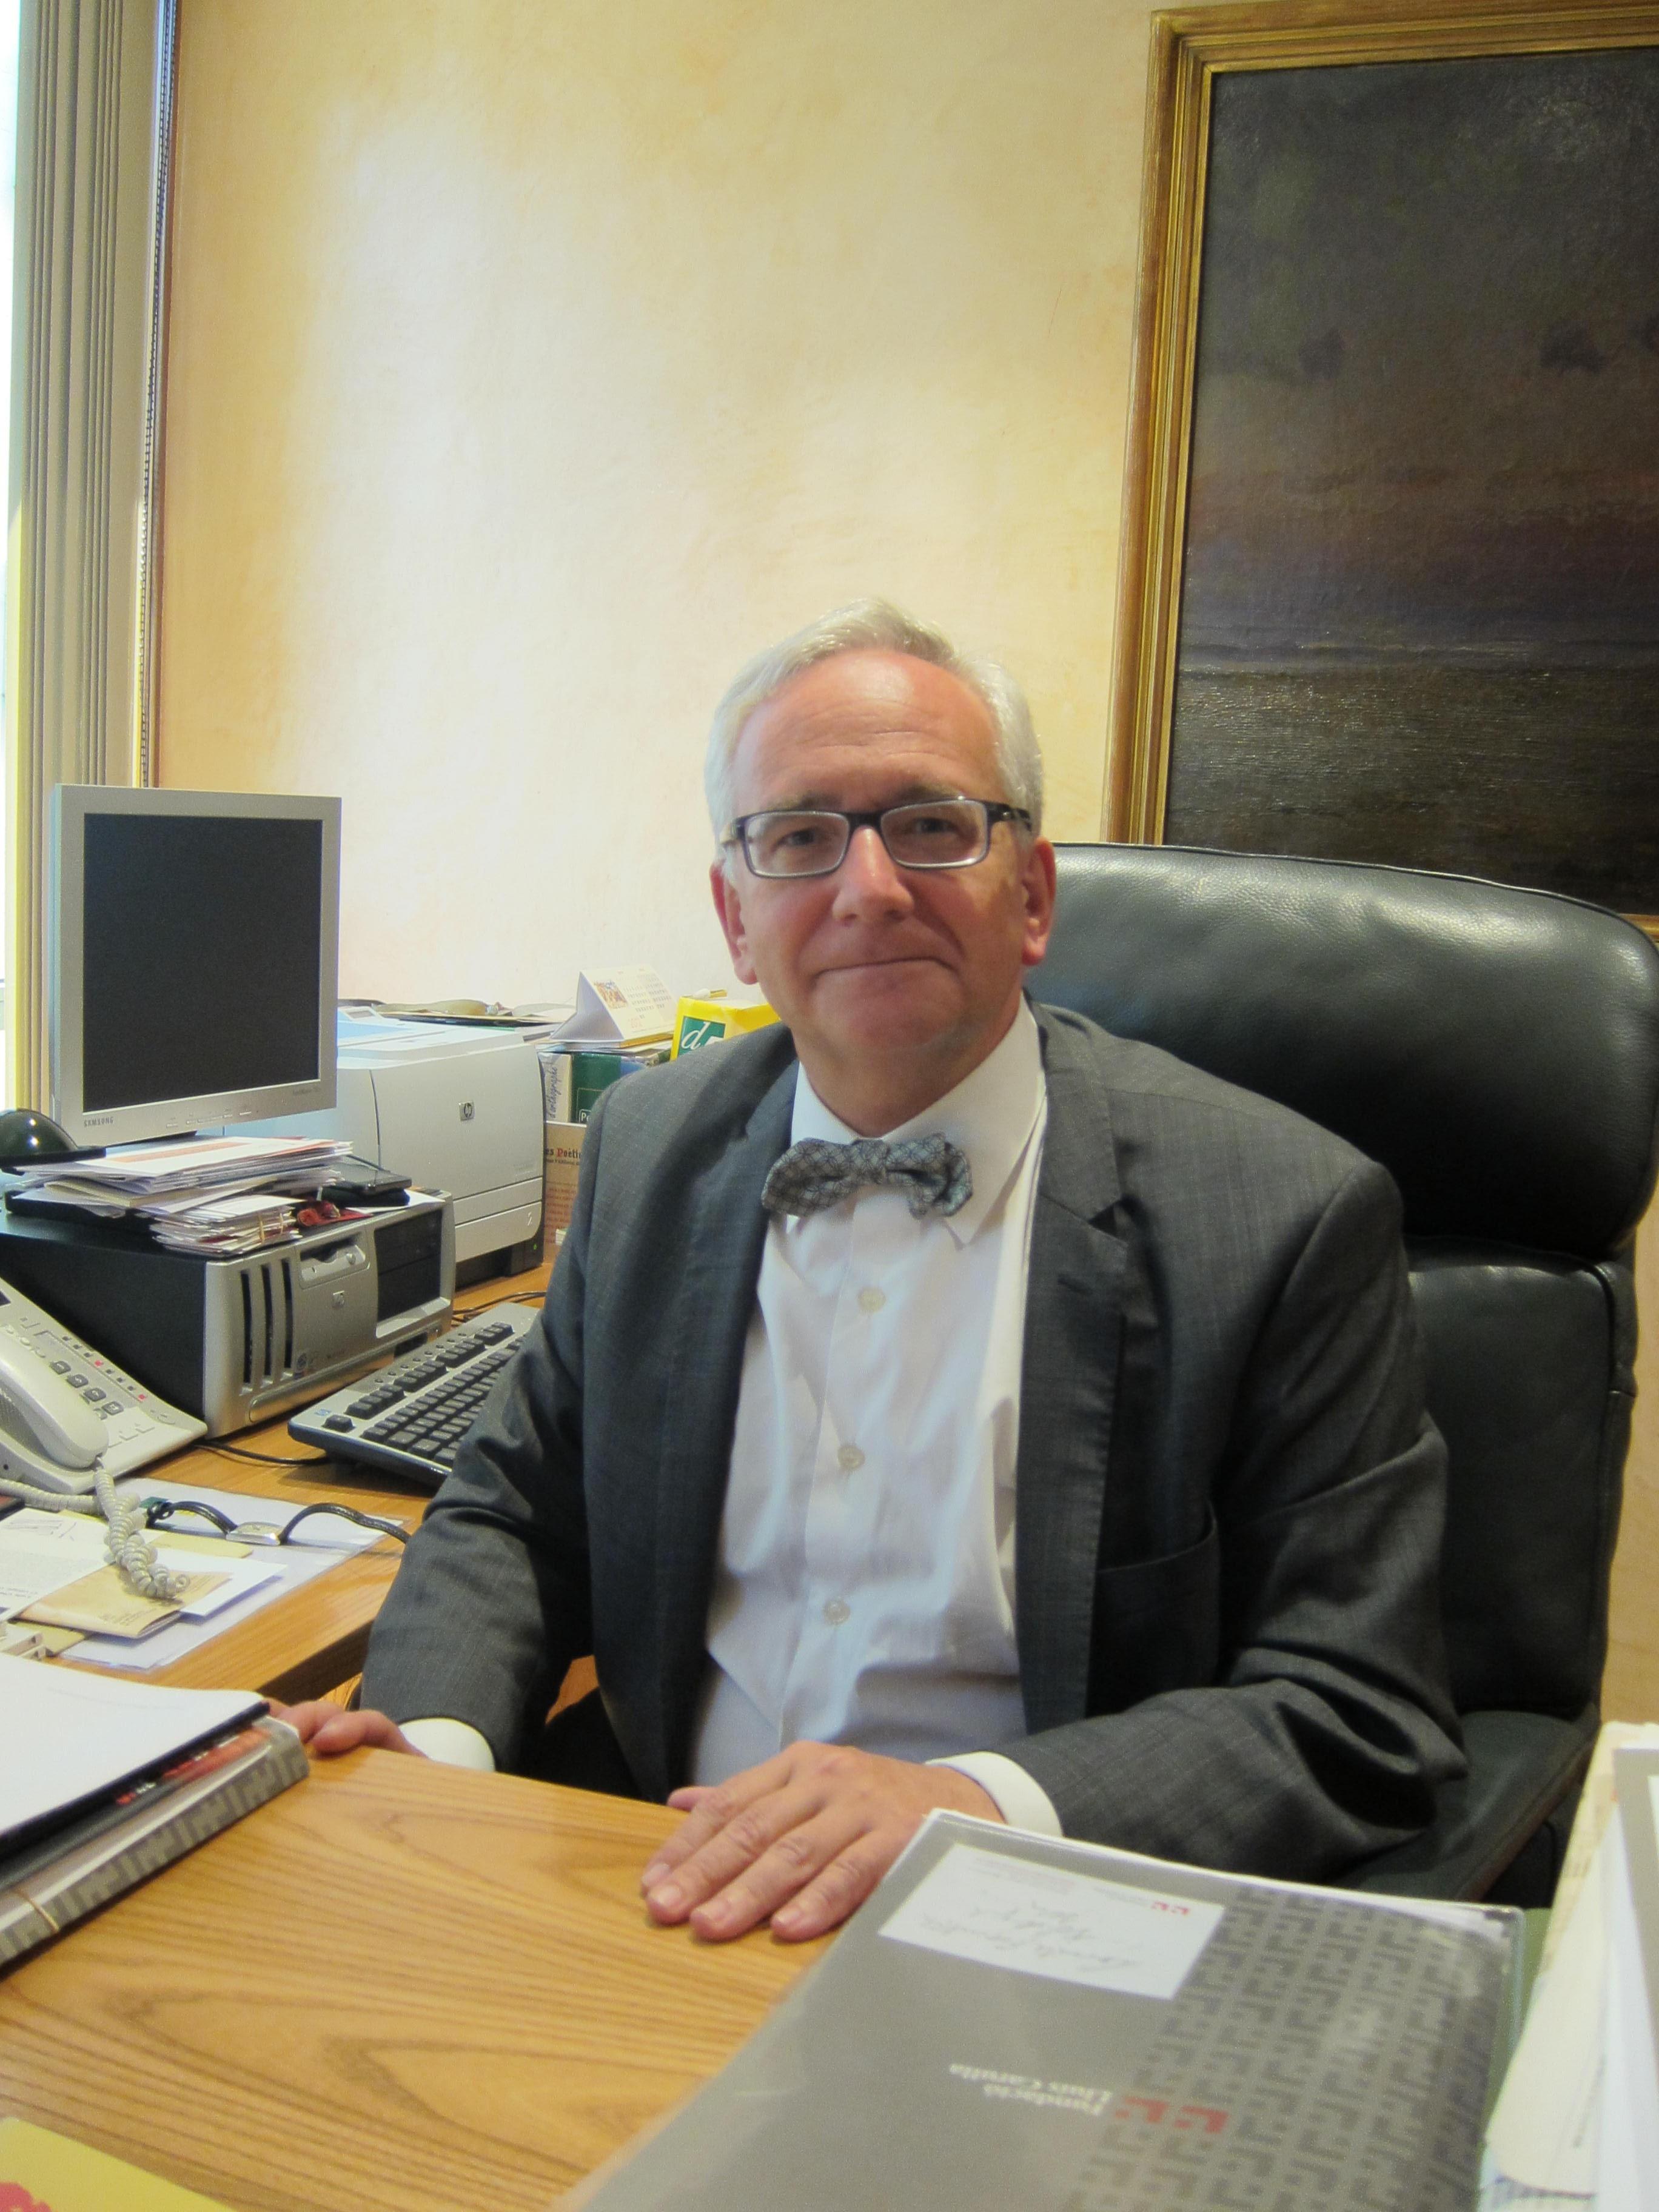 El director del CoNCA renuncia a su cargo al dar por finalizada su etapa de gestión